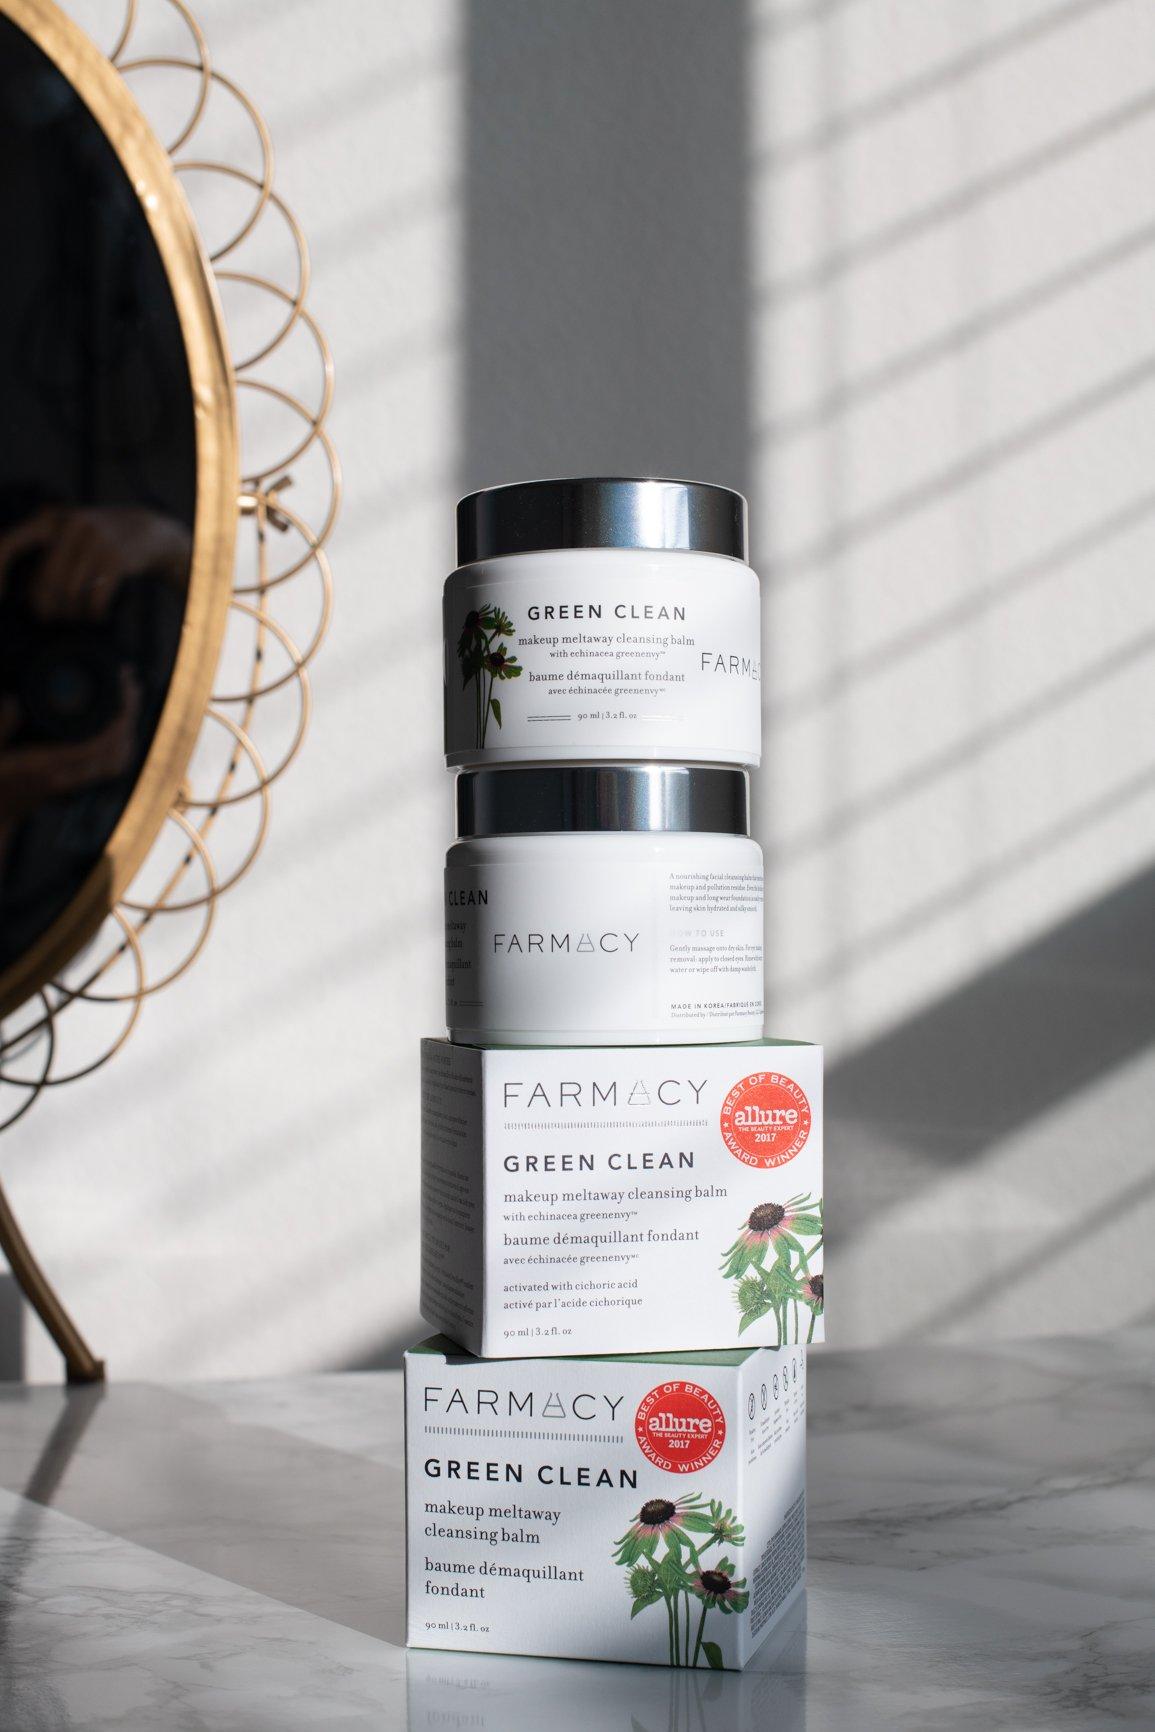 Green Clean Farmacy Beauty tower